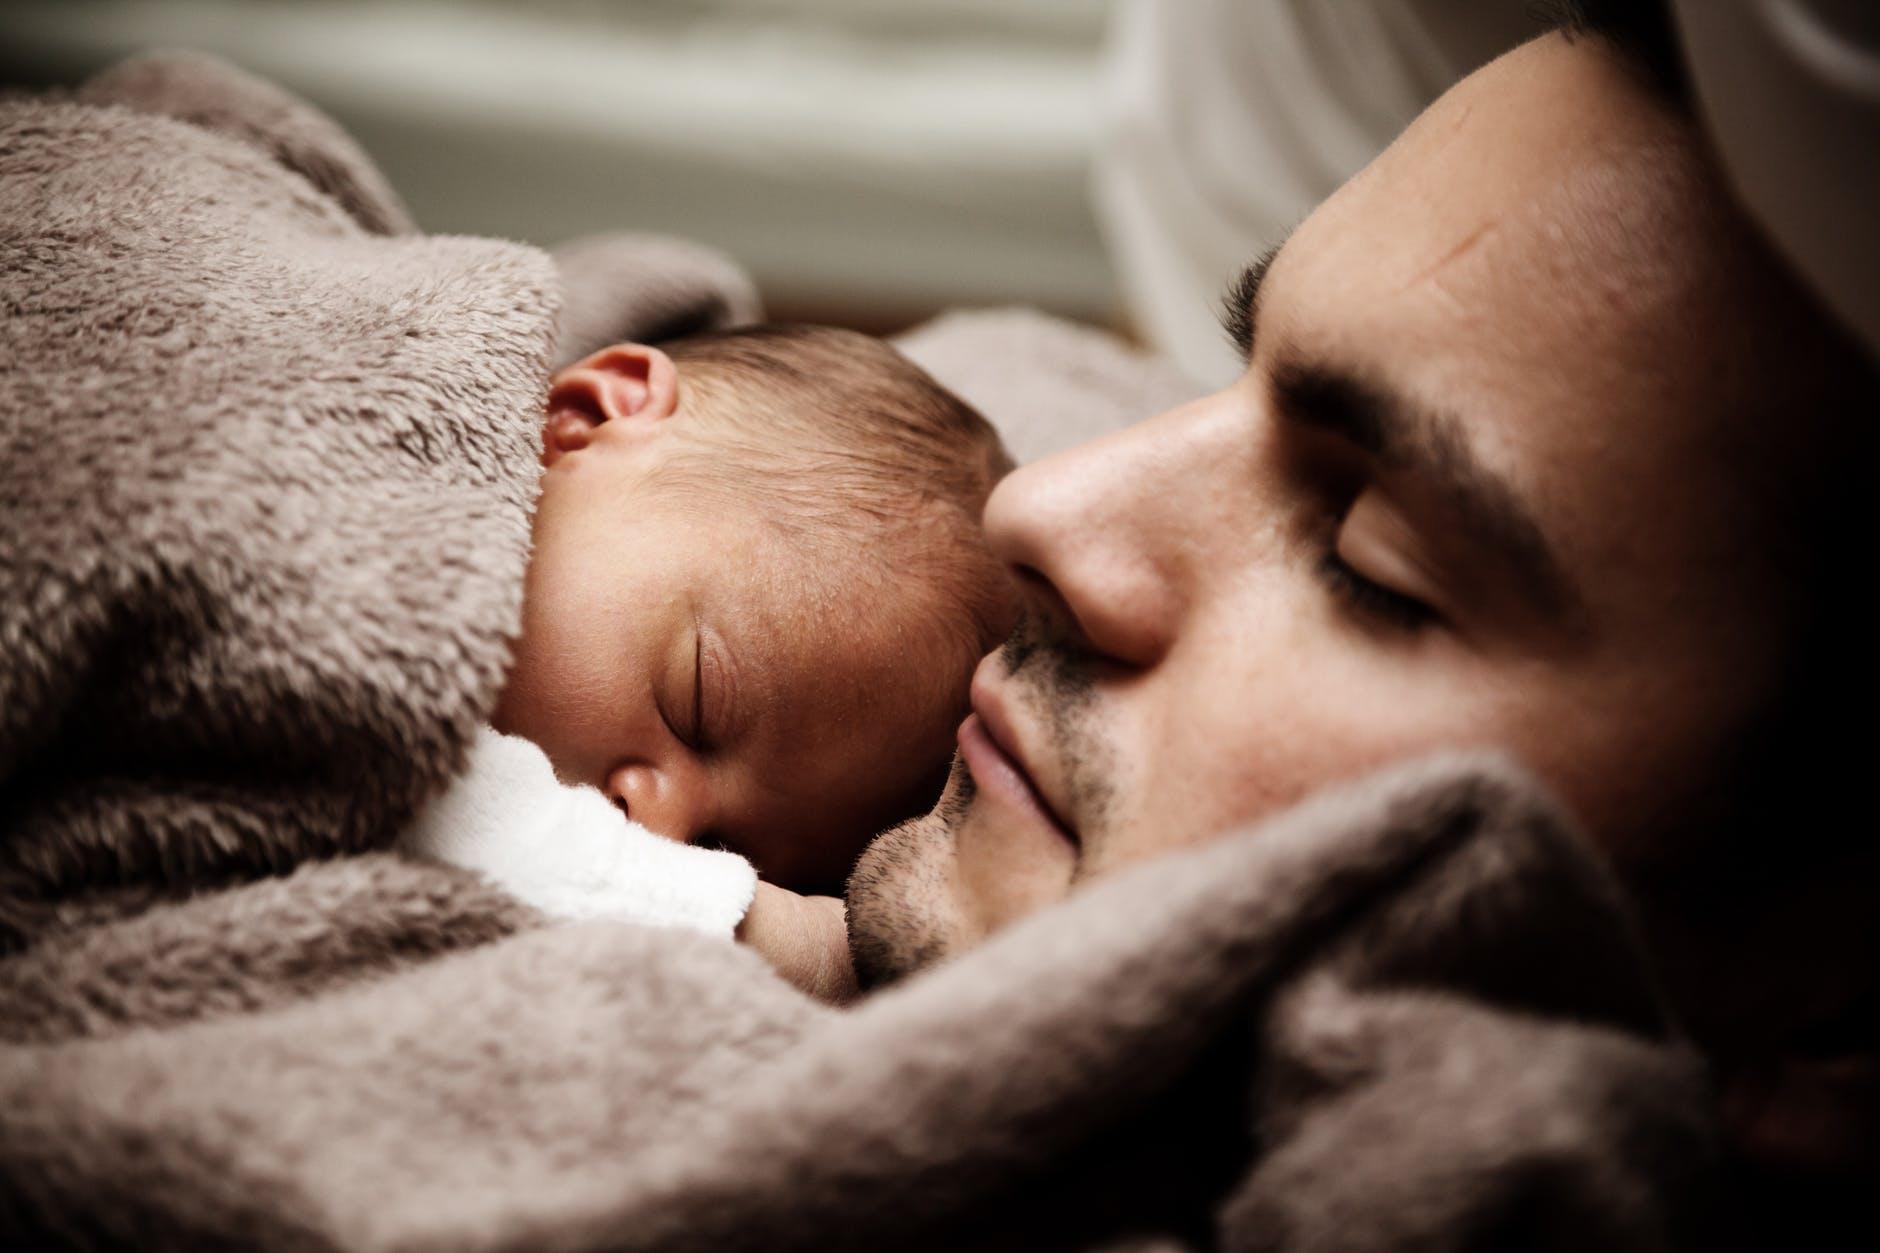 ölelés, agyi fejlődés, felmérés, kutatás, újszülött, koraszülött